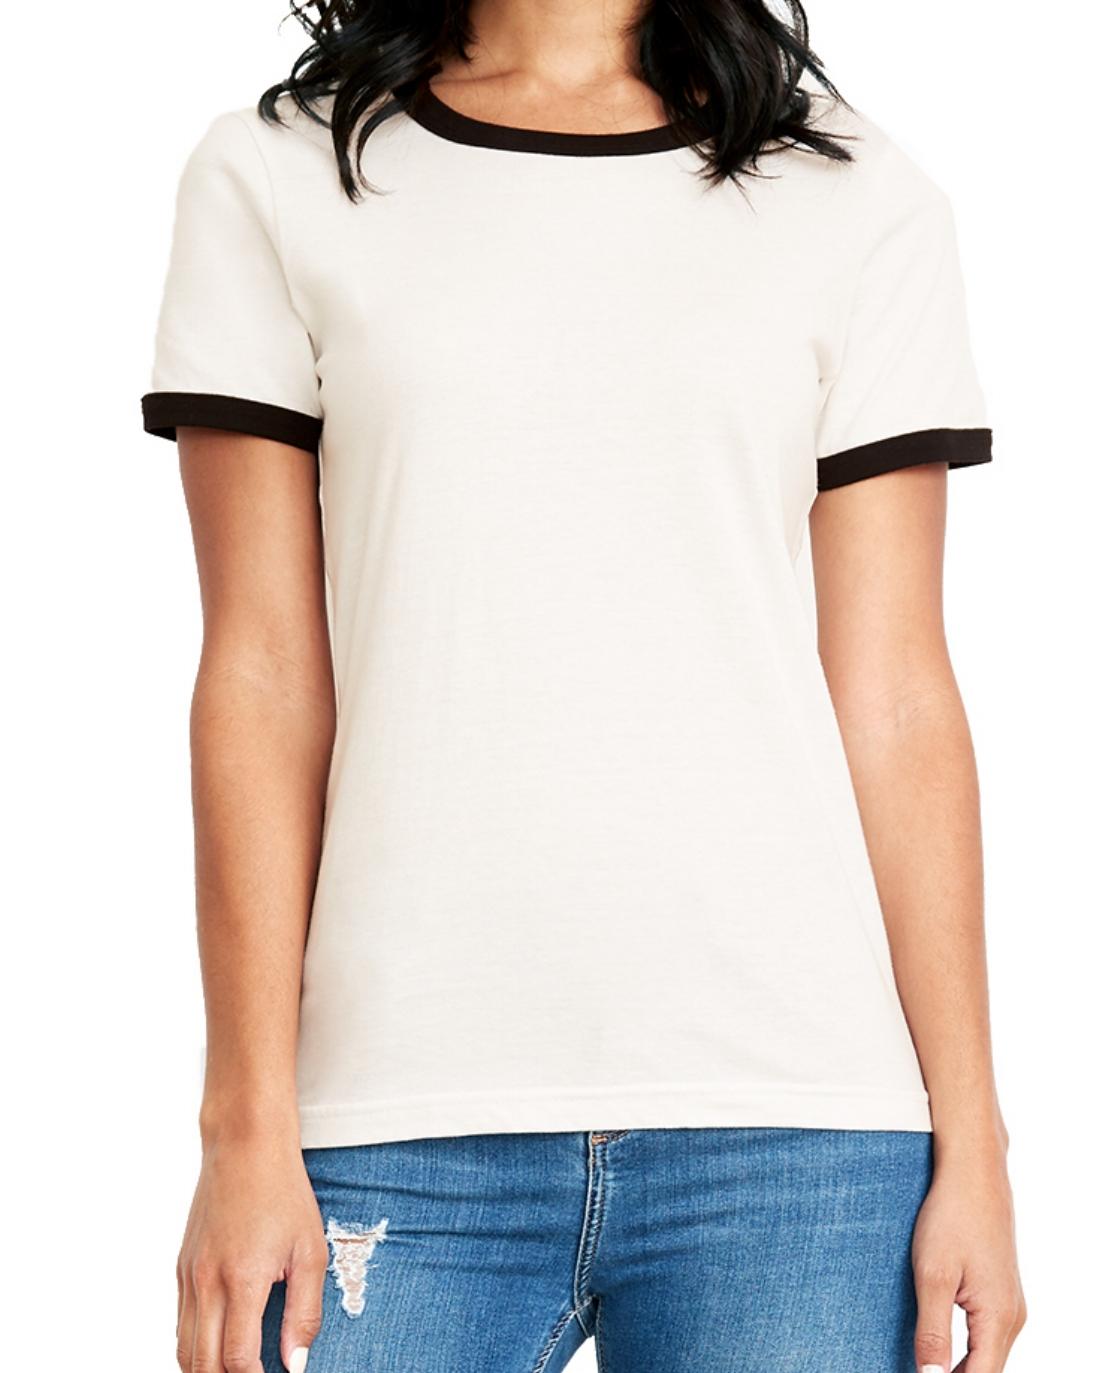 Women's cotton ringer t-shirt (100% cotton, slimmer fit, $$).